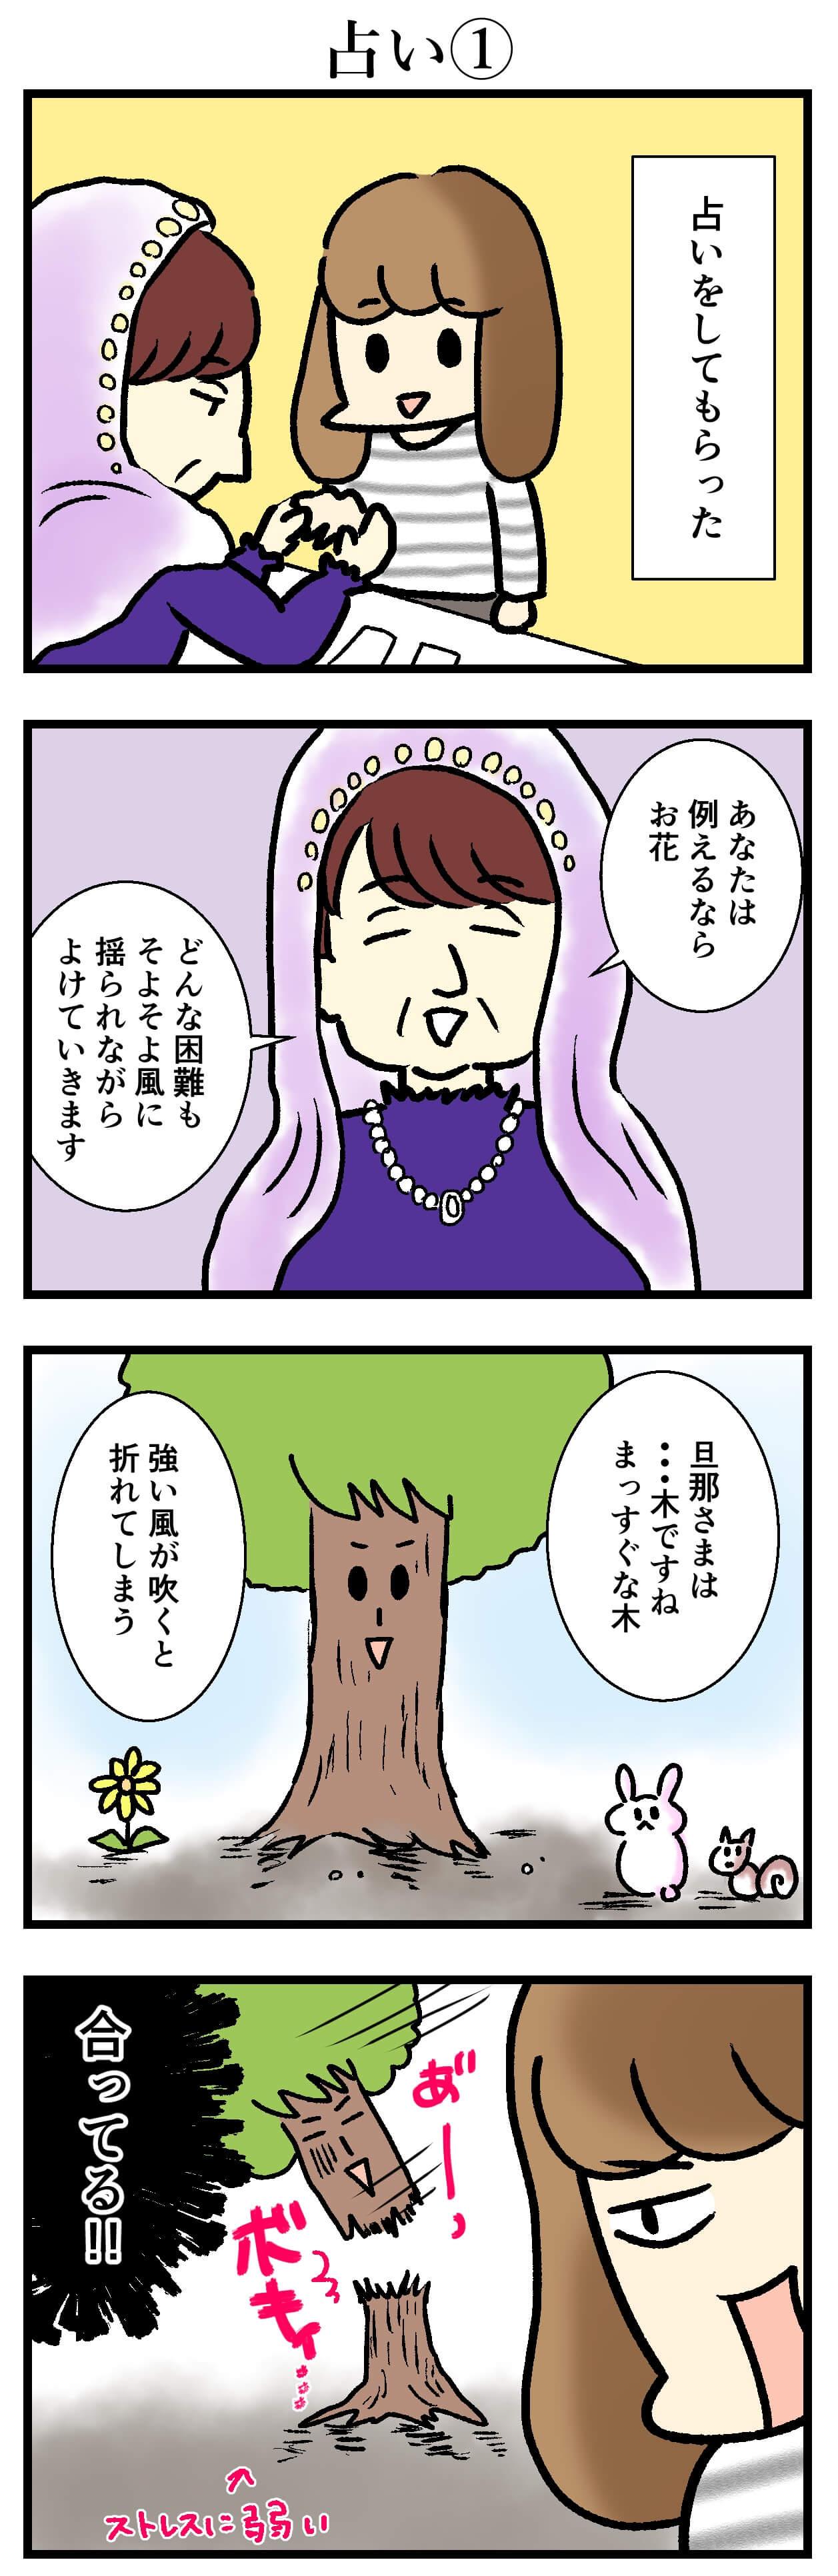 【エッセイ漫画】アラサー主婦くま子のふがいない日常(123)